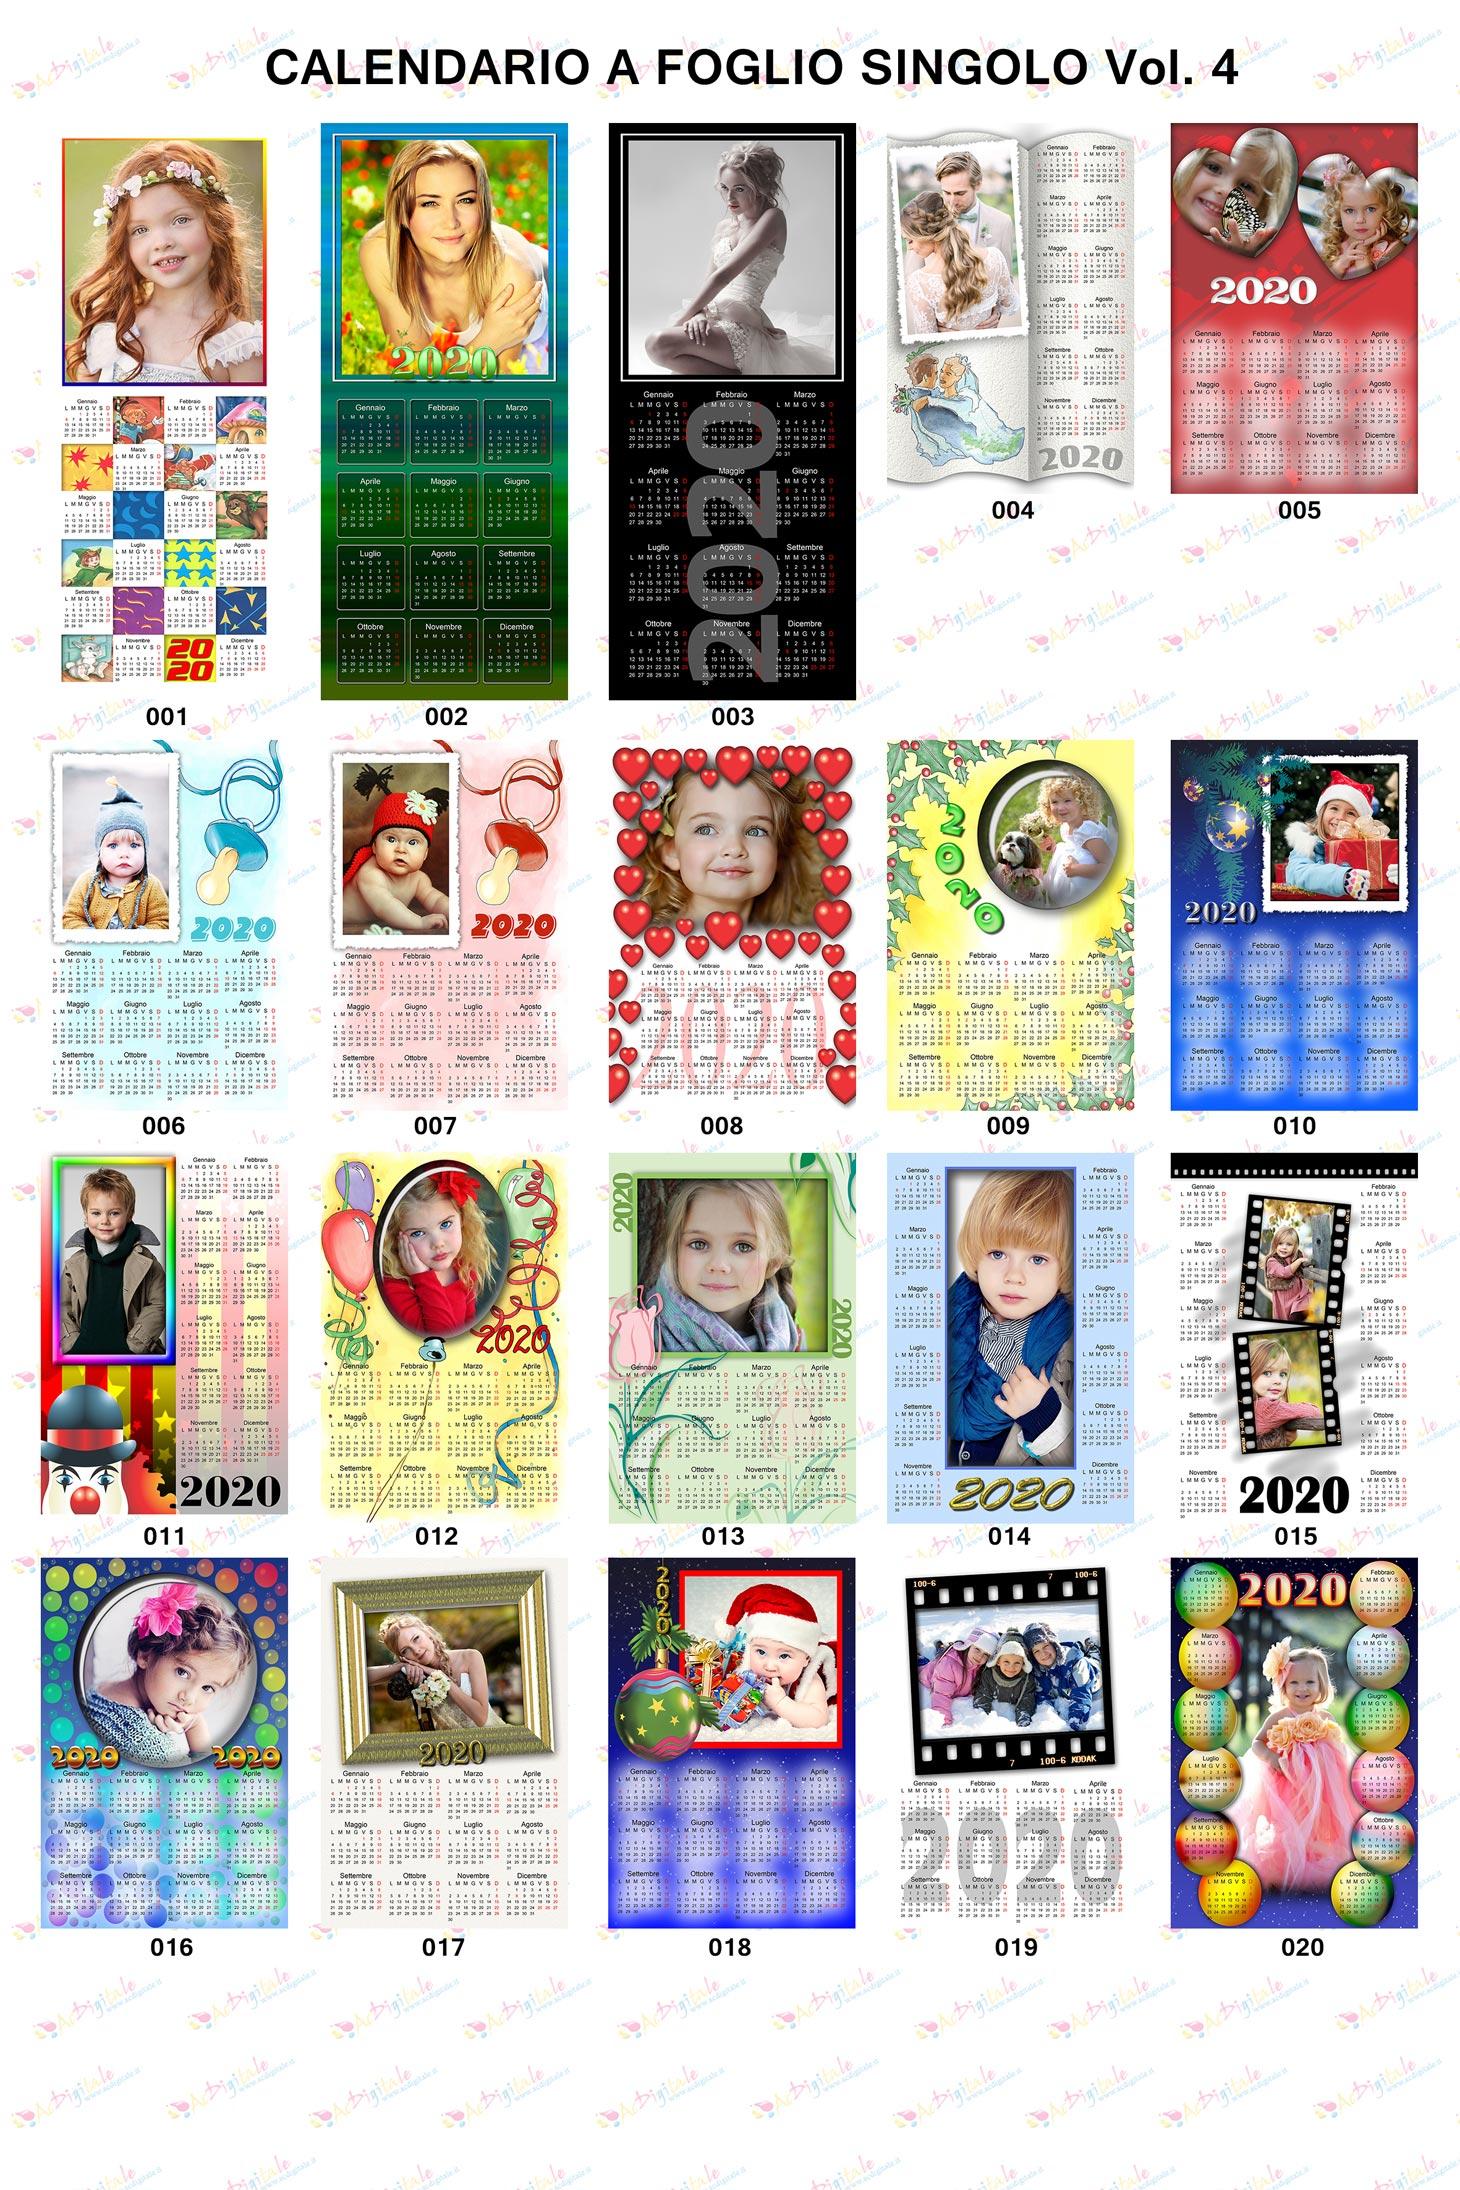 Anteprima calendari personalizzati 2020 Volume 4